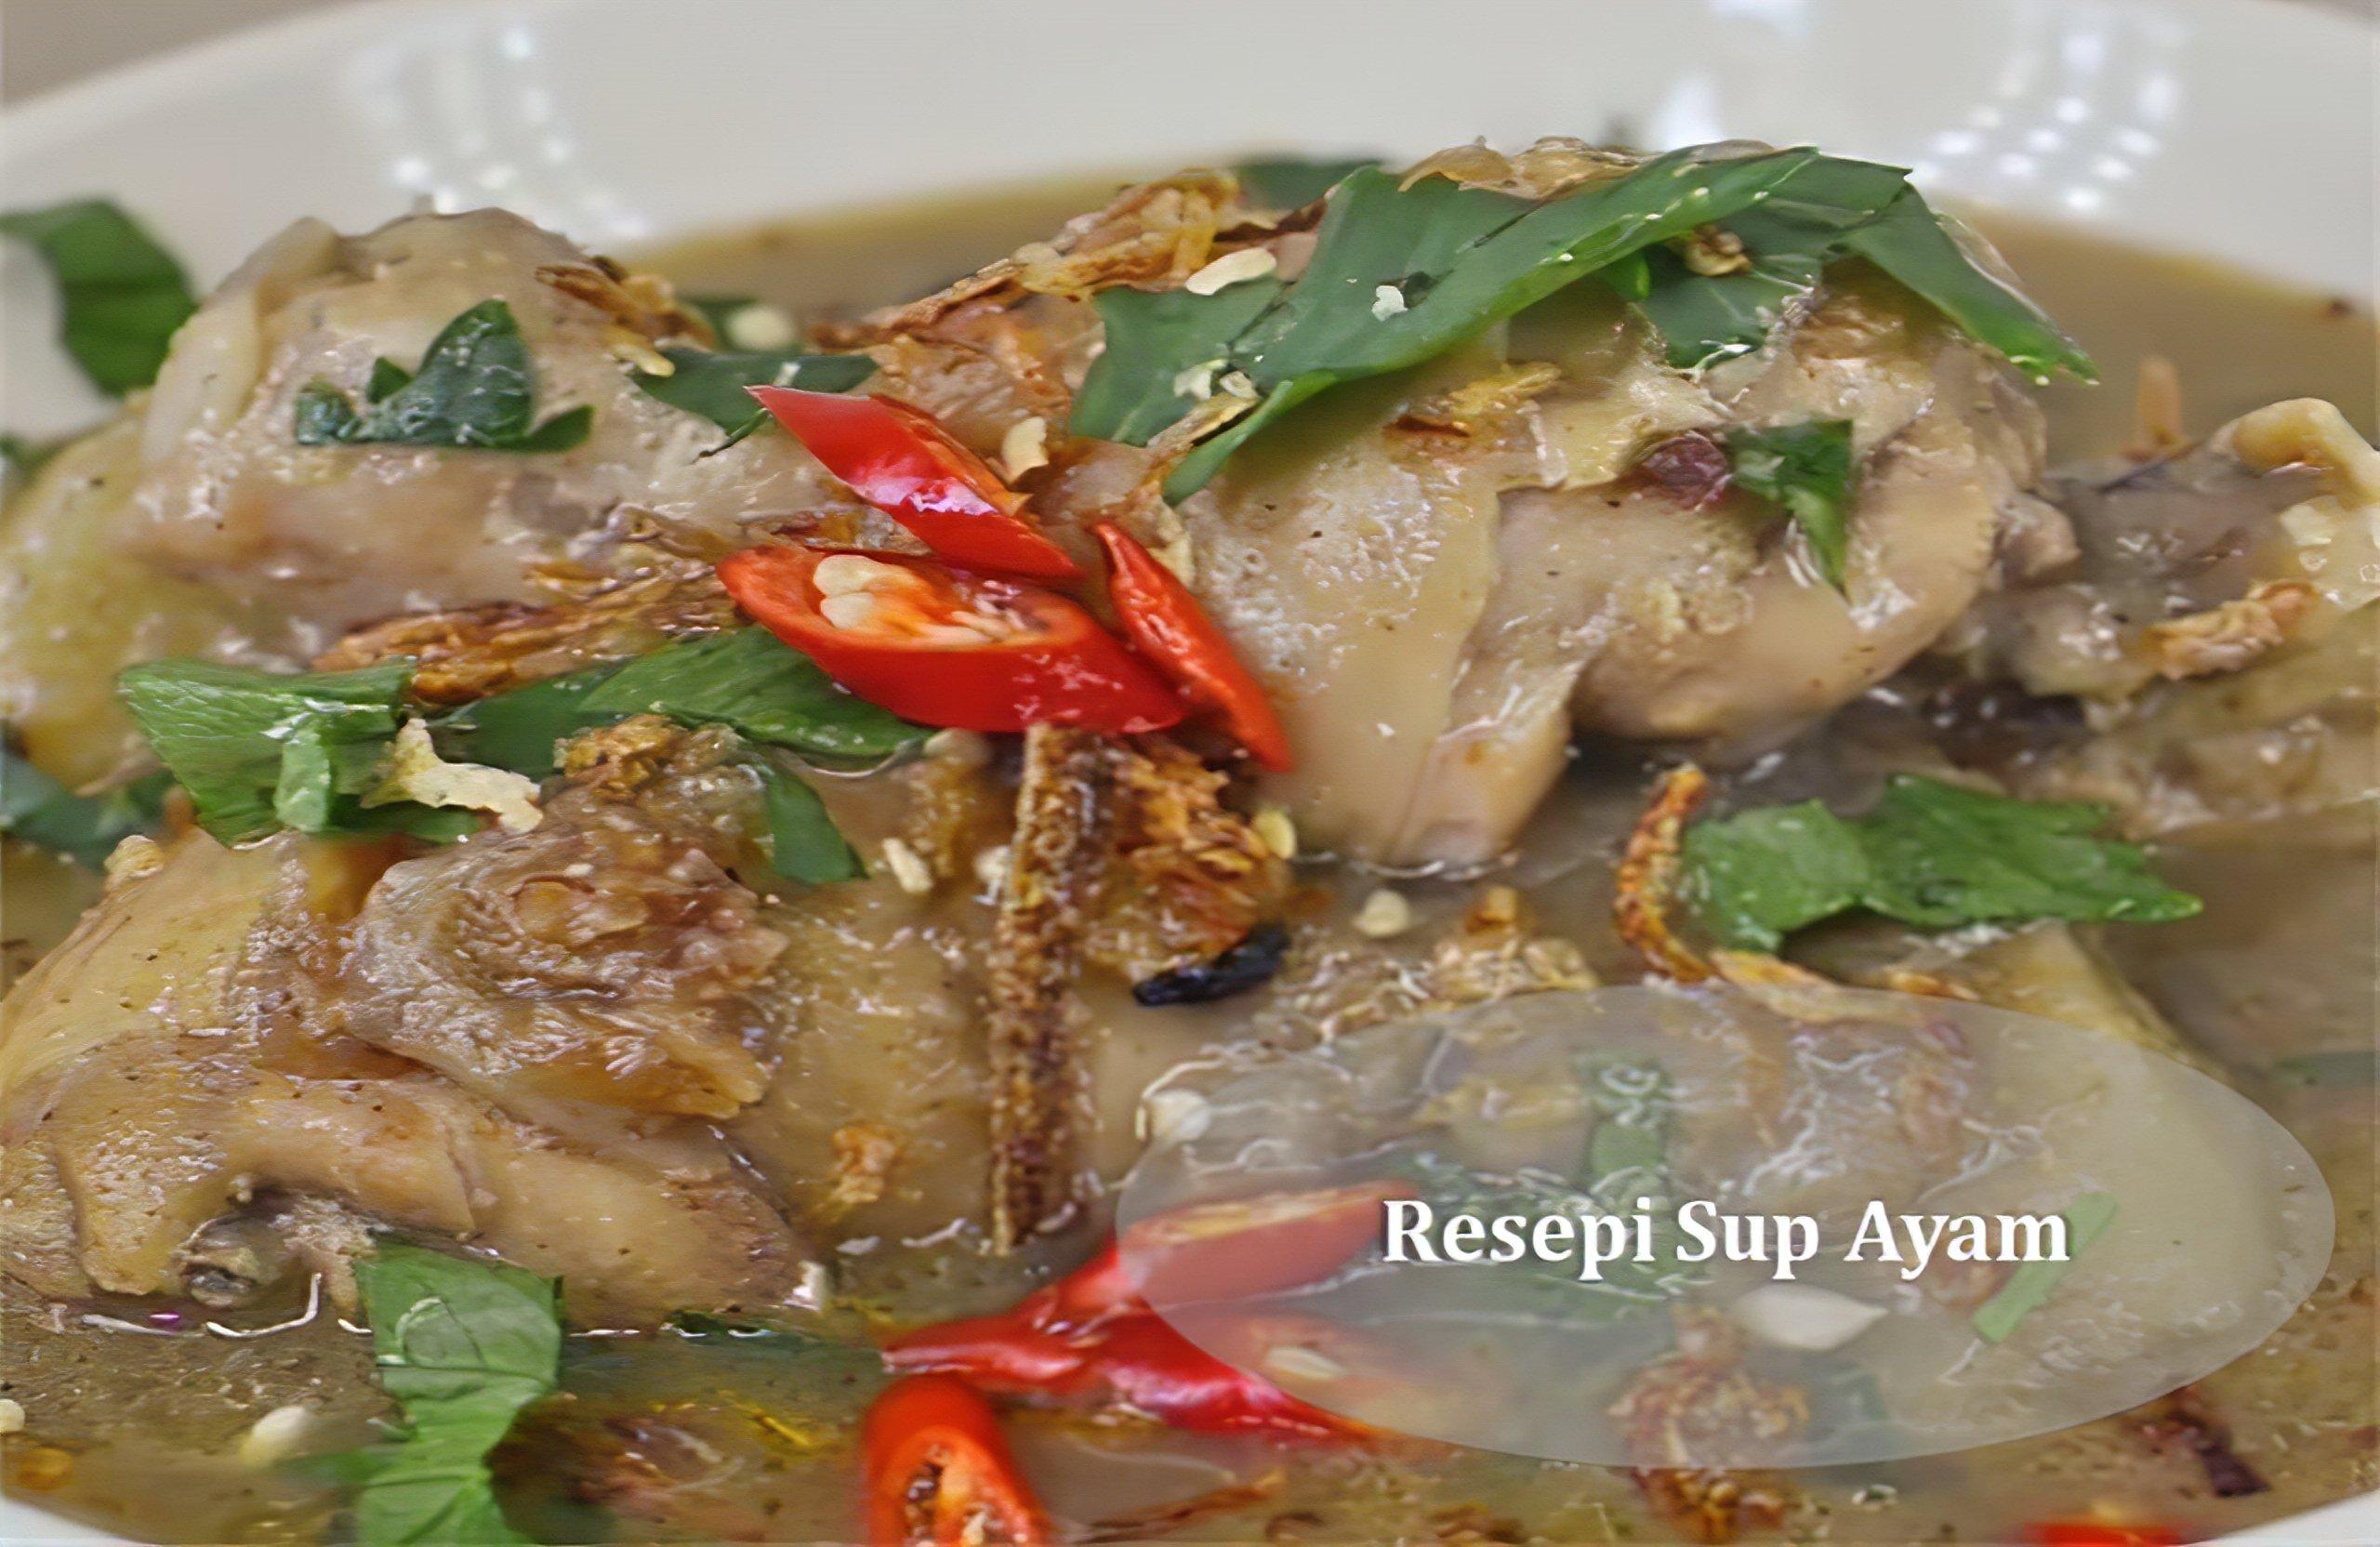 Resepi Cara Buat Sup Ayam